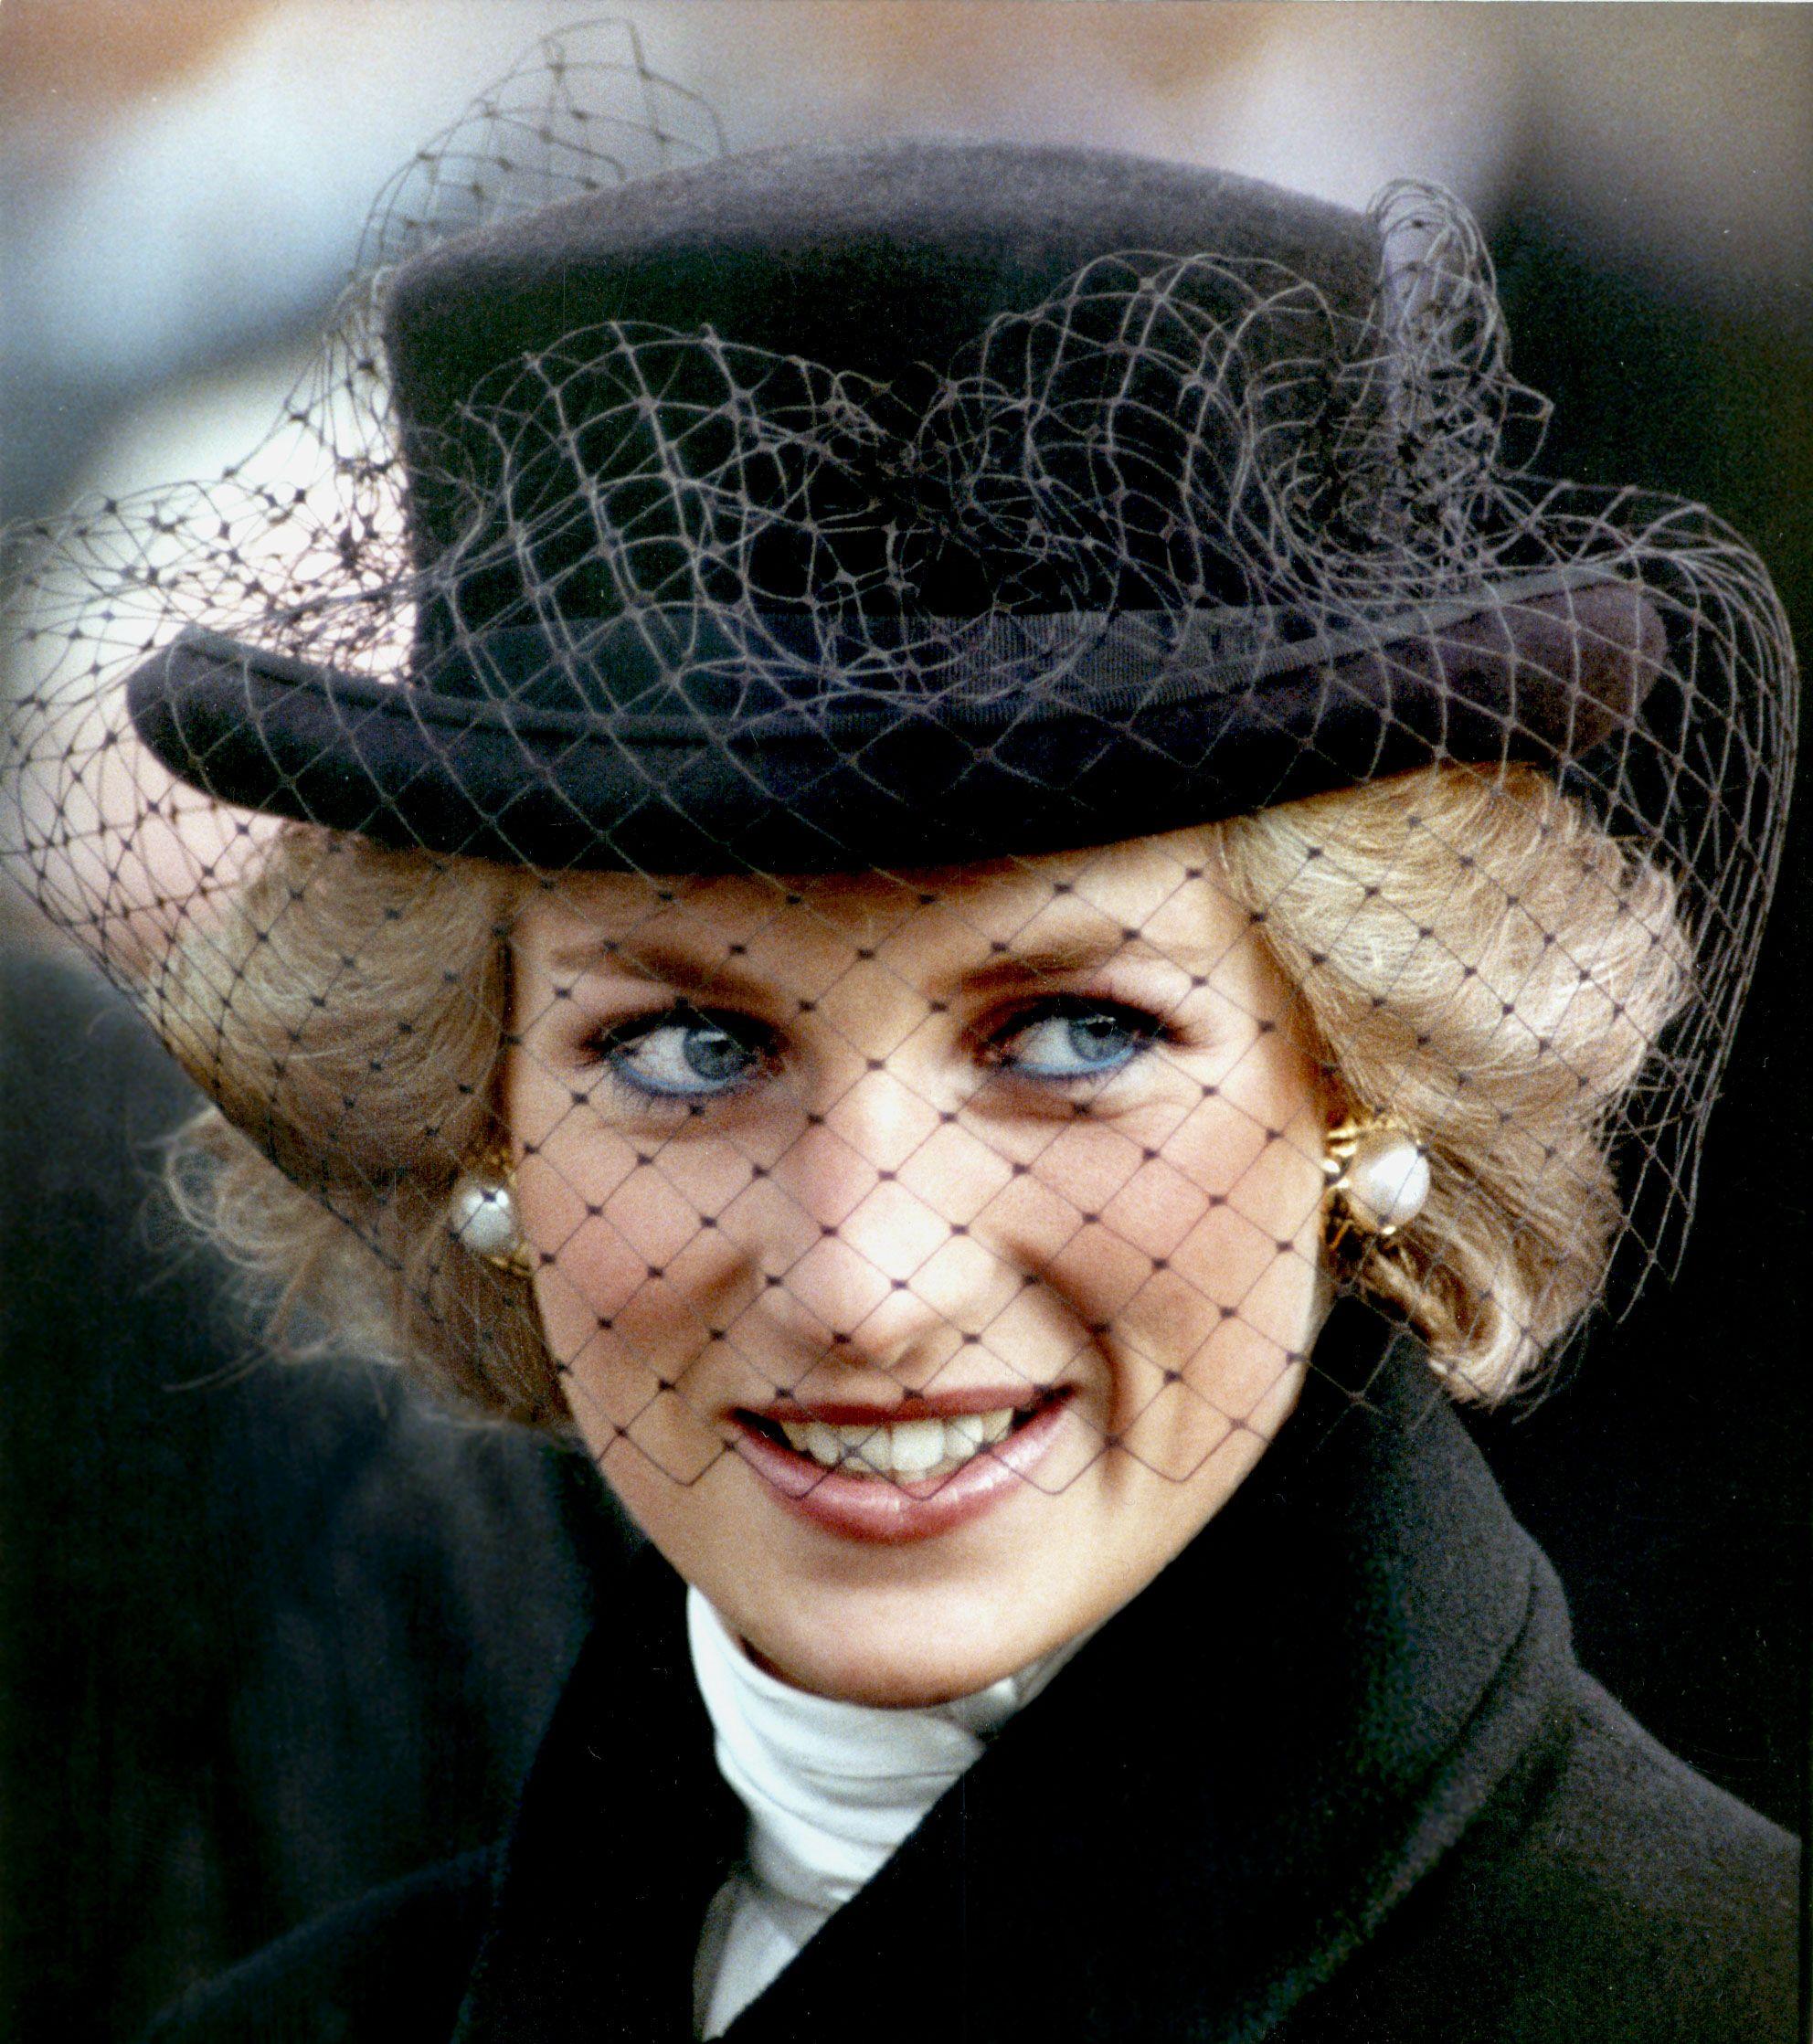 36 - Remembering Princess Diana